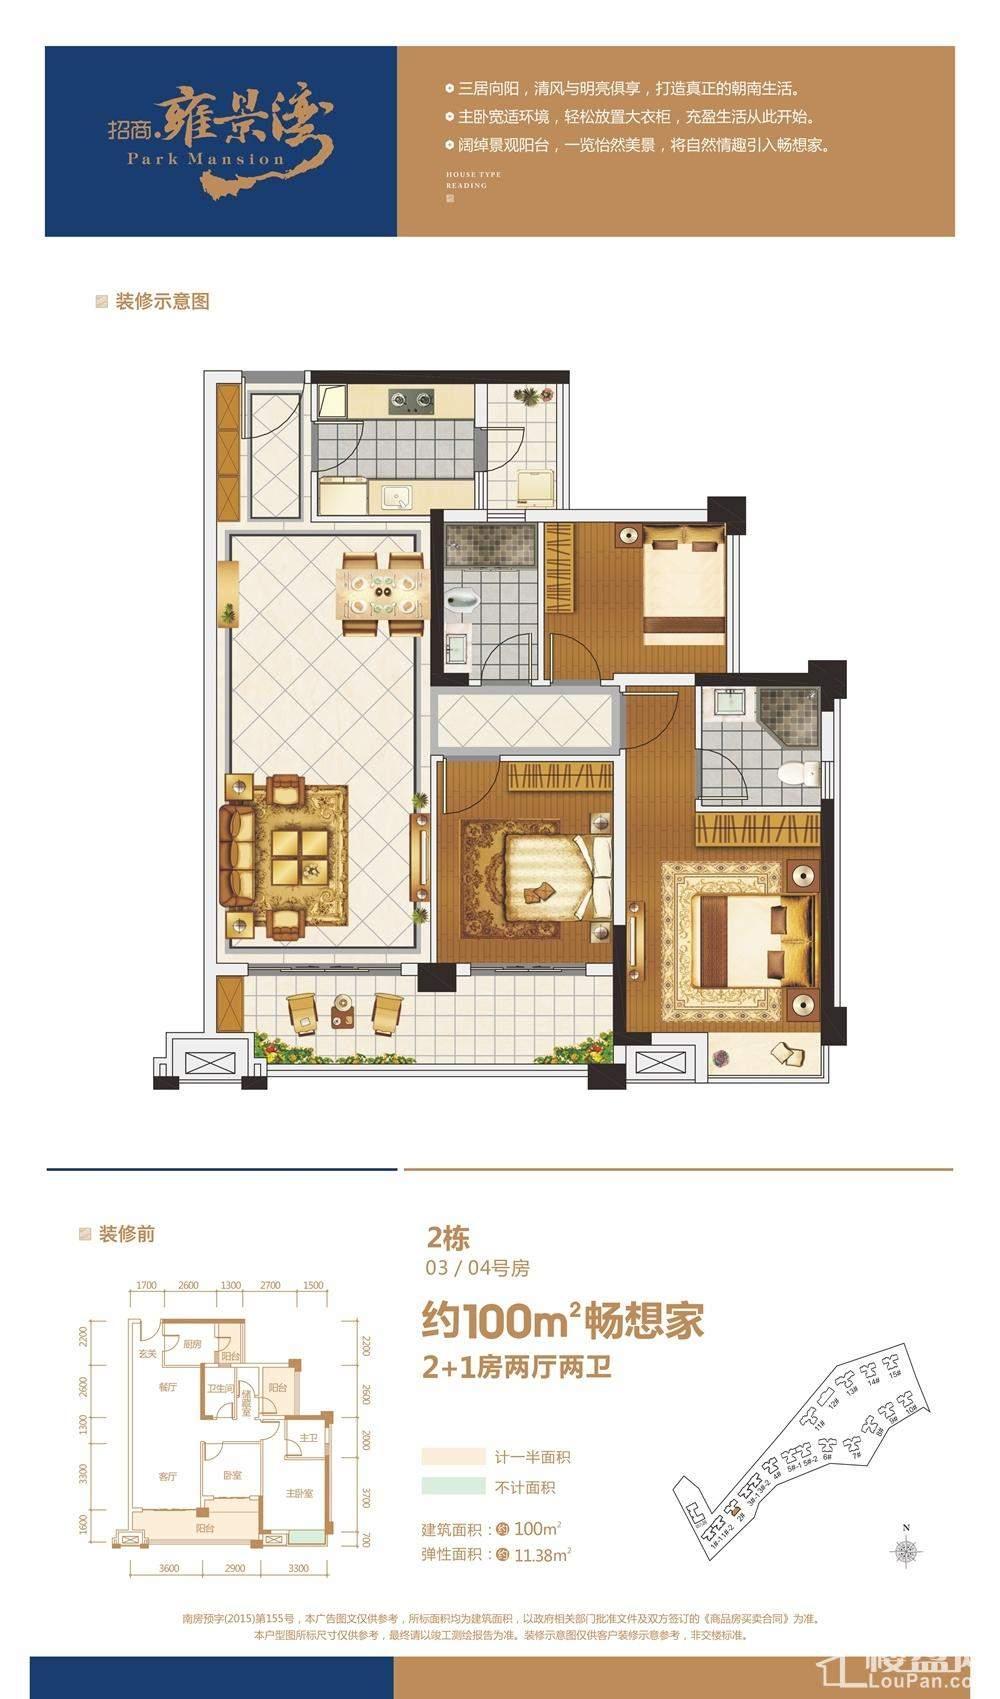 一期2#楼03、04号房畅想家户型